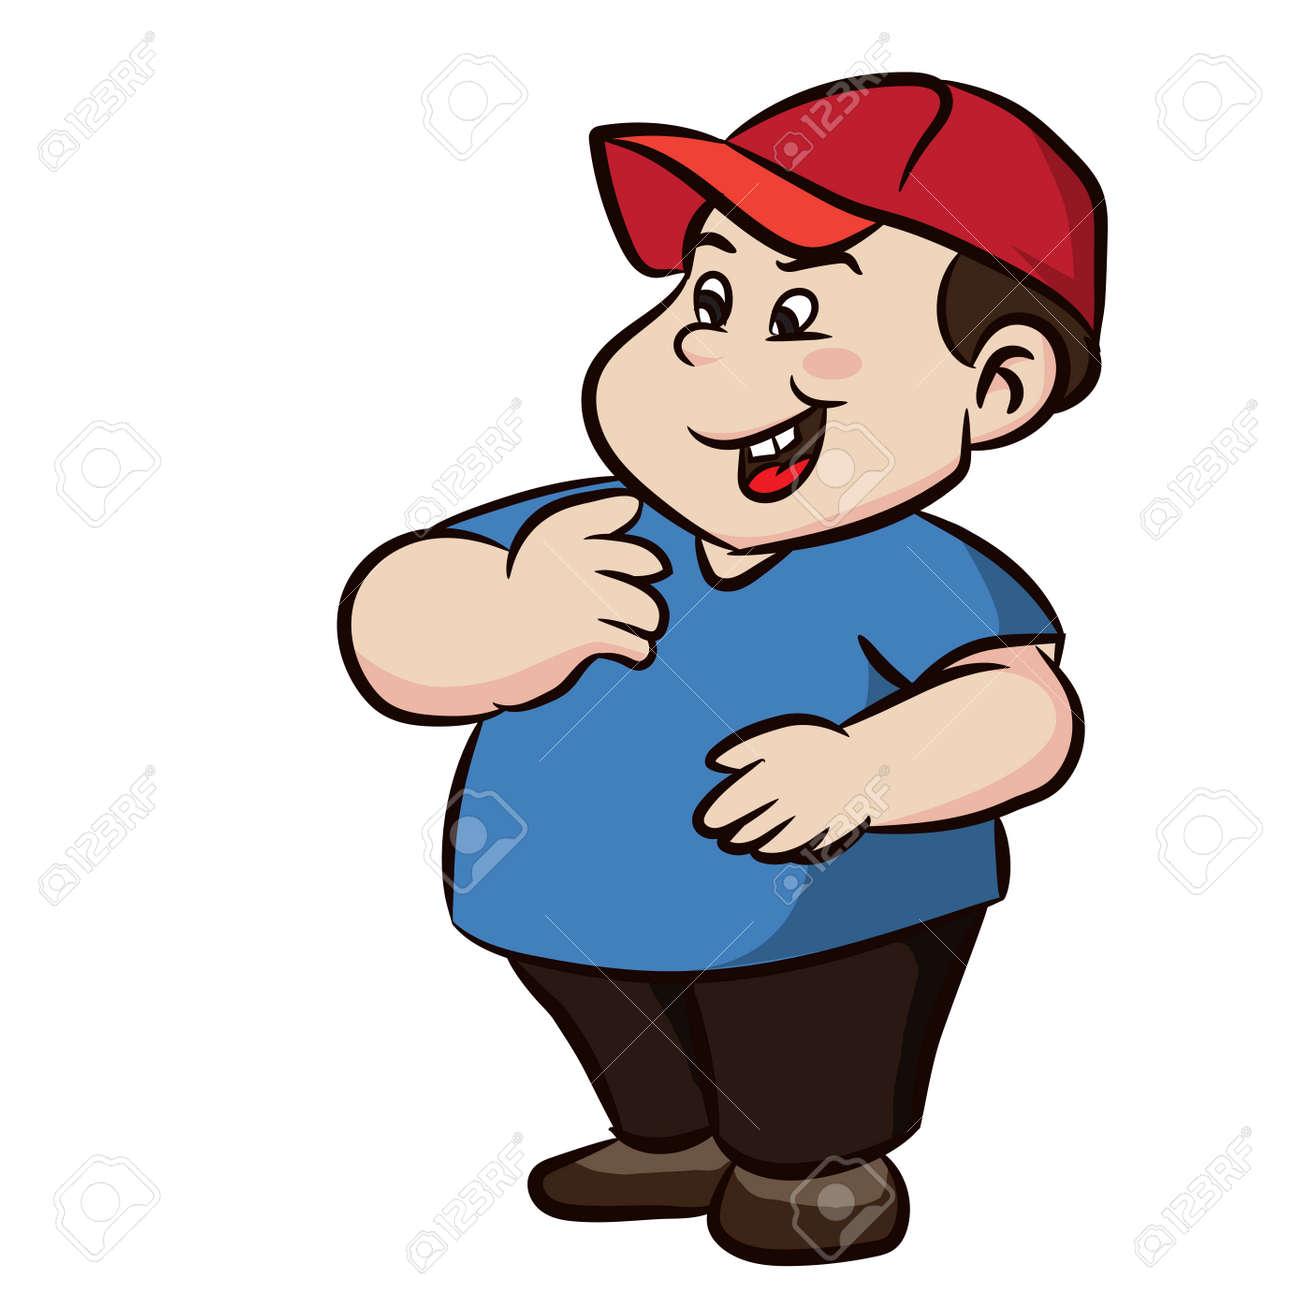 Garcon Colore Cartoon Fat Avec Sourire Sur Fond Blanc Illustration Vectorielle Clipart Clip Art Libres De Droits Vecteurs Et Illustration Image 82518477